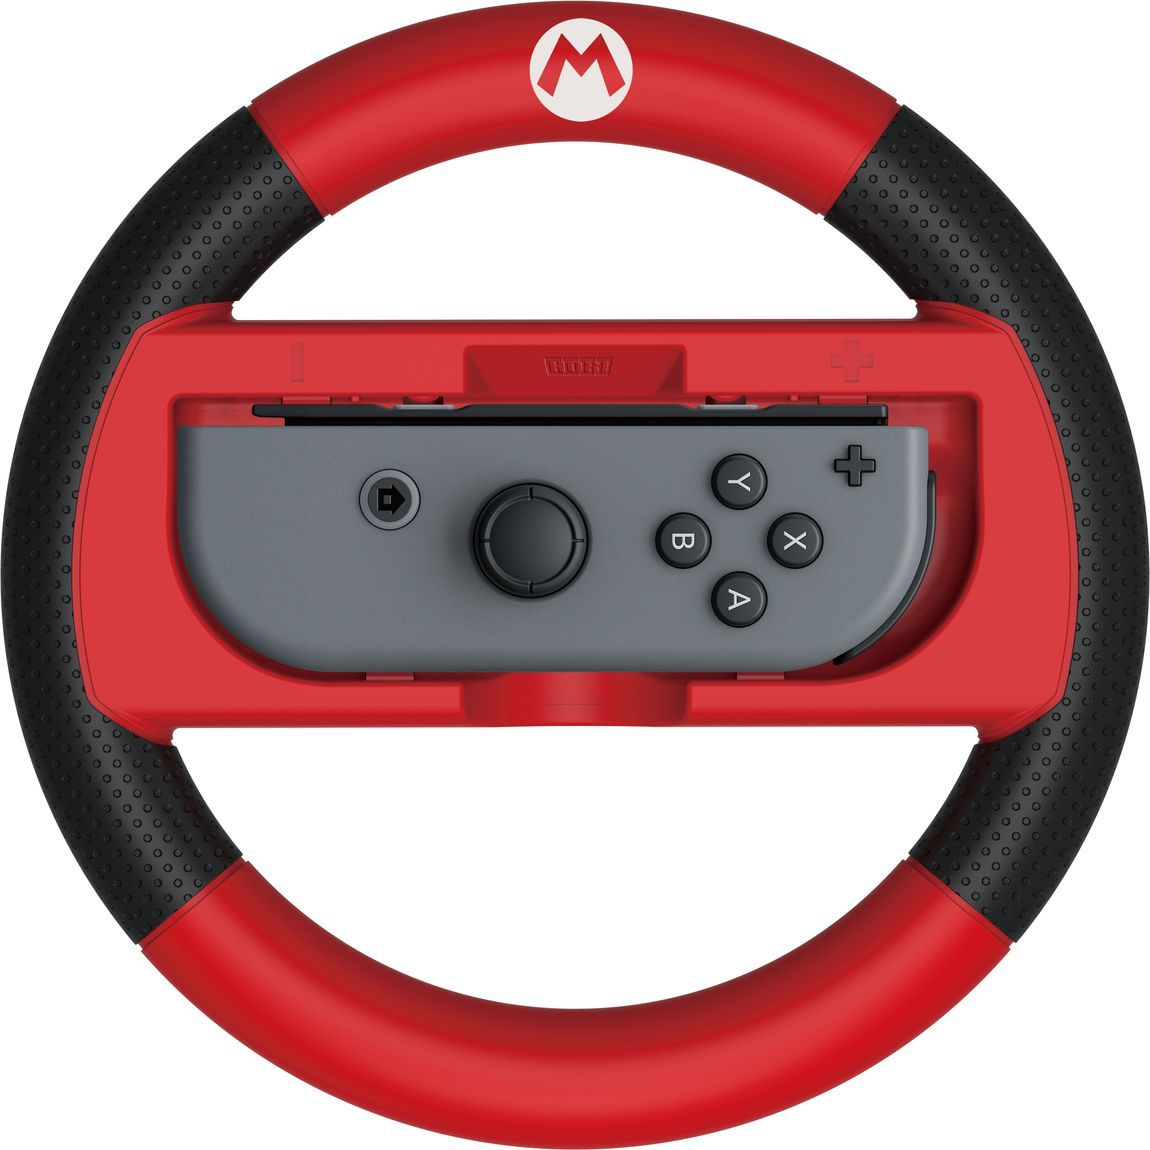 Hori Super Mario, Red руль для Nintendo Switch (NSW-054U)HR18Гоночный руль для Nintendo Switch с официальной лицензией NintendoСовместим с Joy-ConИдеально подходит для местного многопользовательского режимаБольший размер помогает полностью погрузиться в игруМатериал руля- текстурированное резиновое покрытиеБольшие триггеры для кнопок L / RМатериал- АБС пластик, ТПР (термопластическая резина)